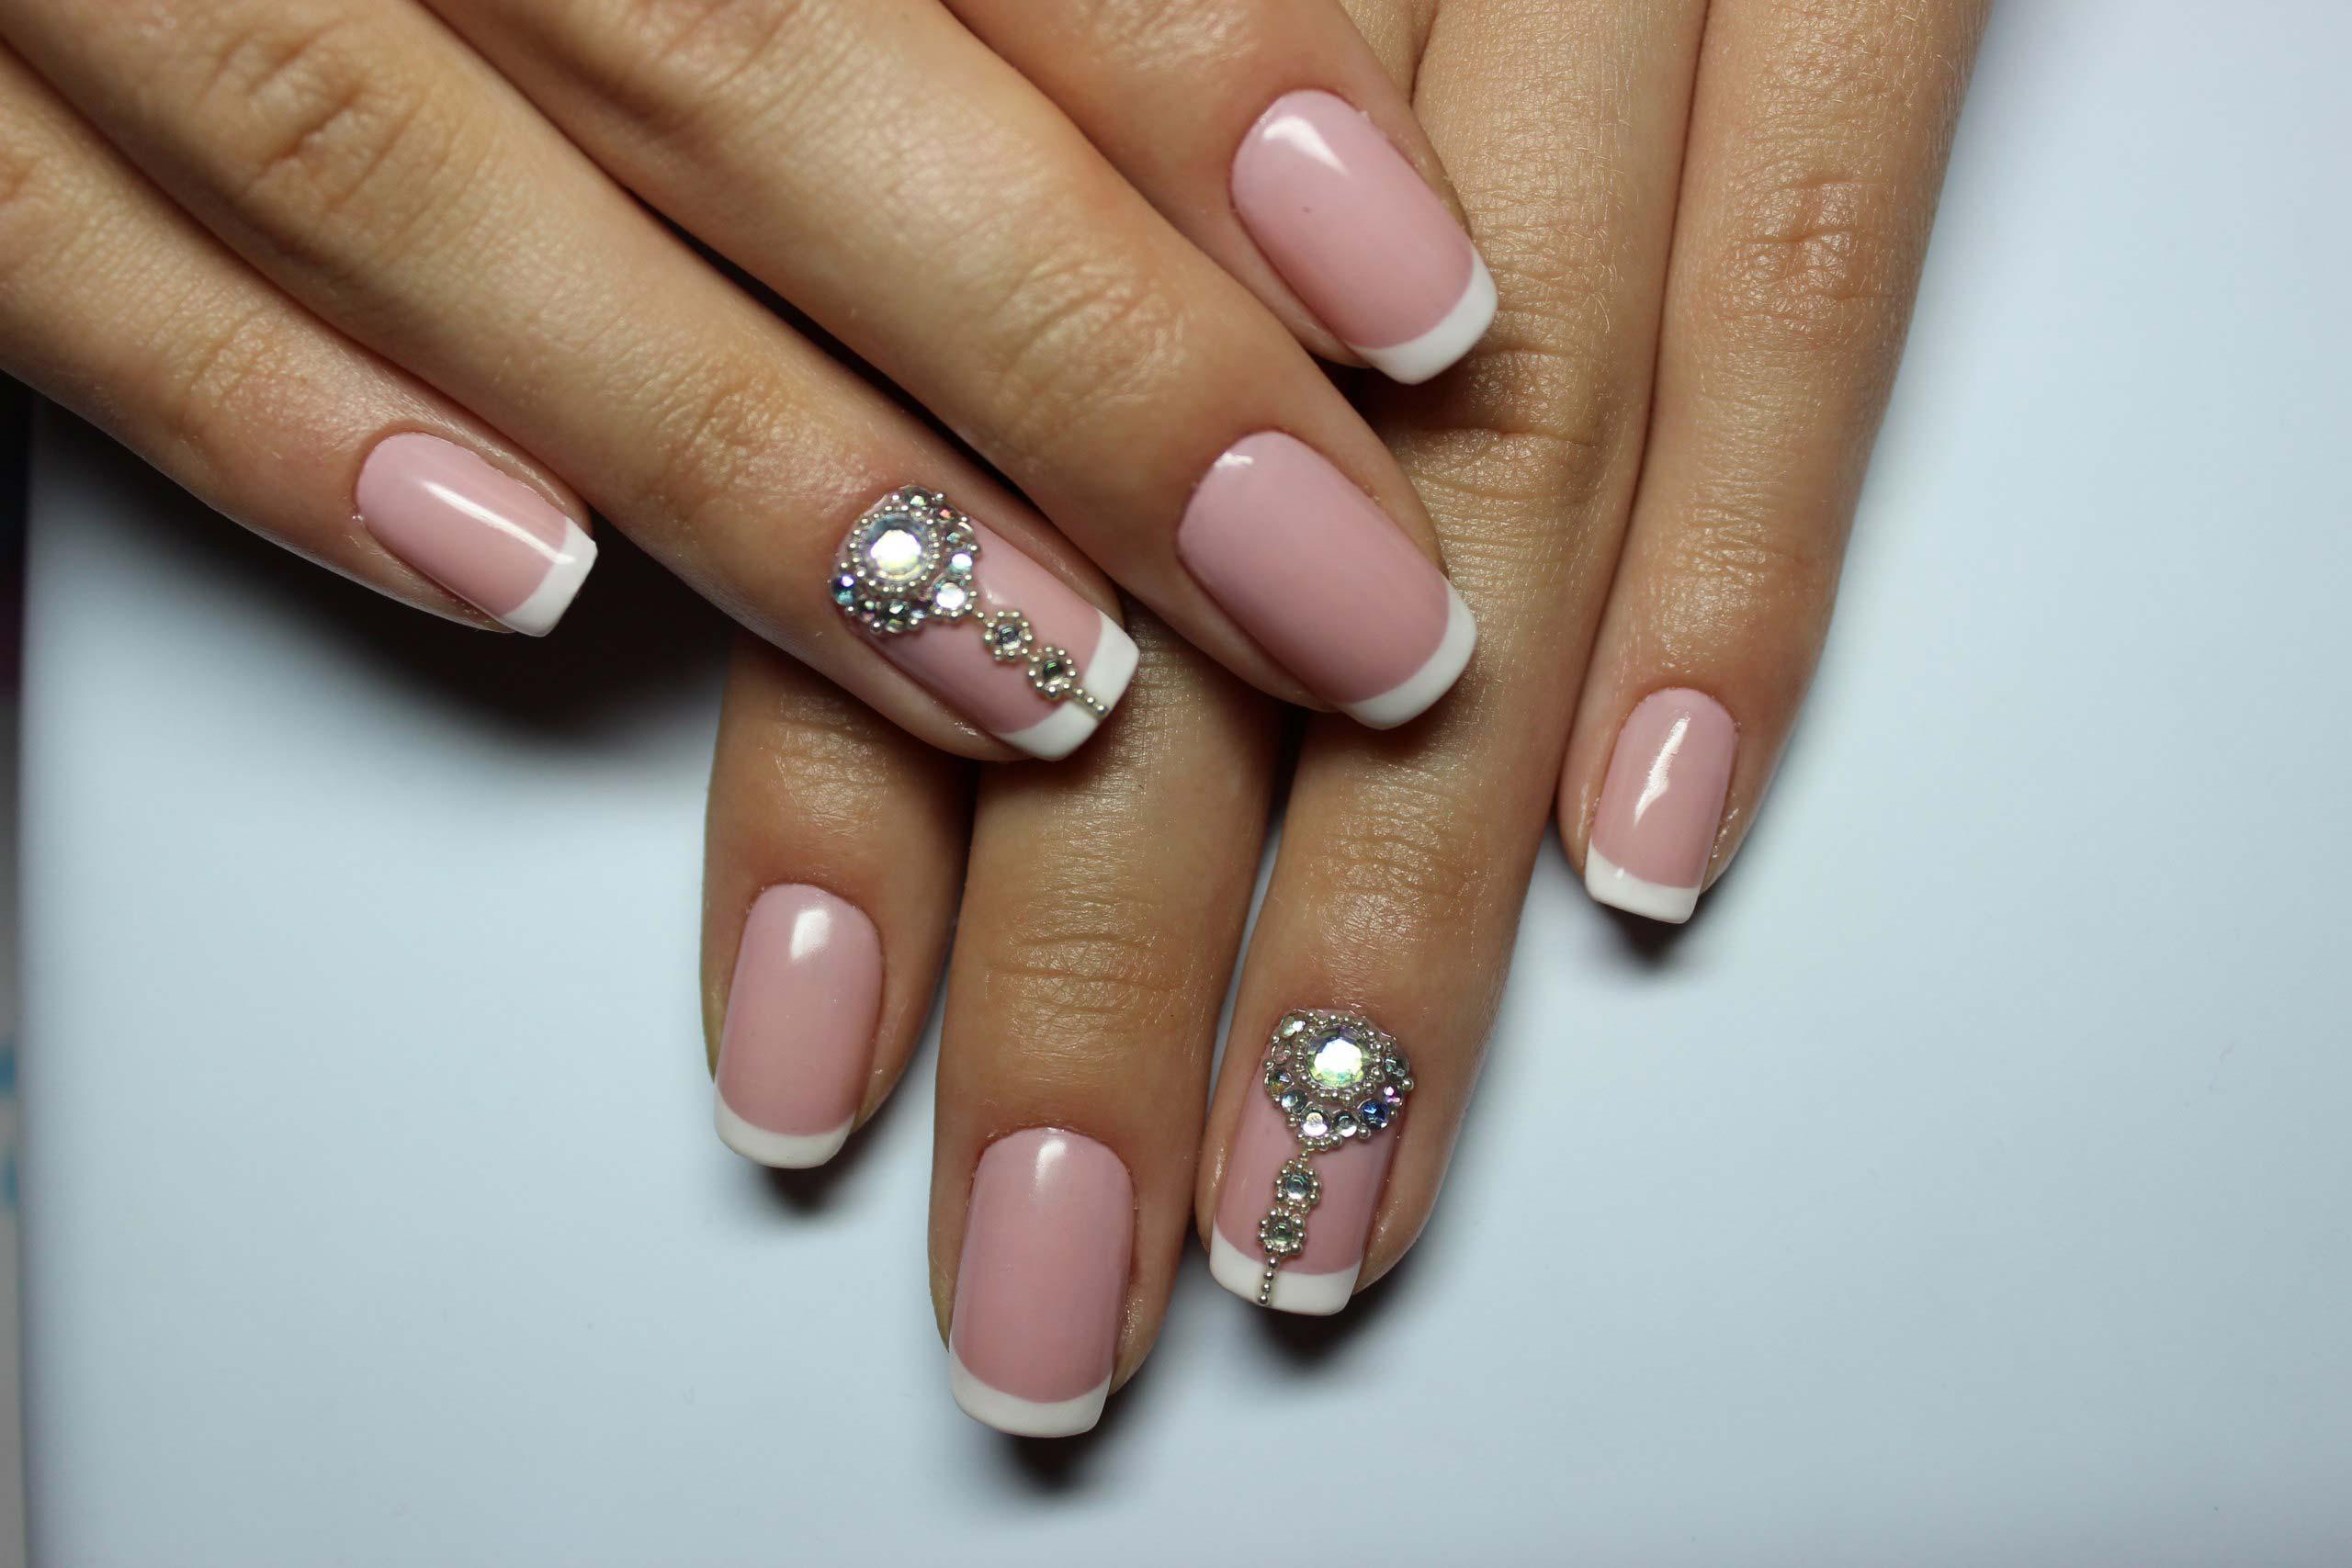 Стразы на ногтях дизайн на френче руках